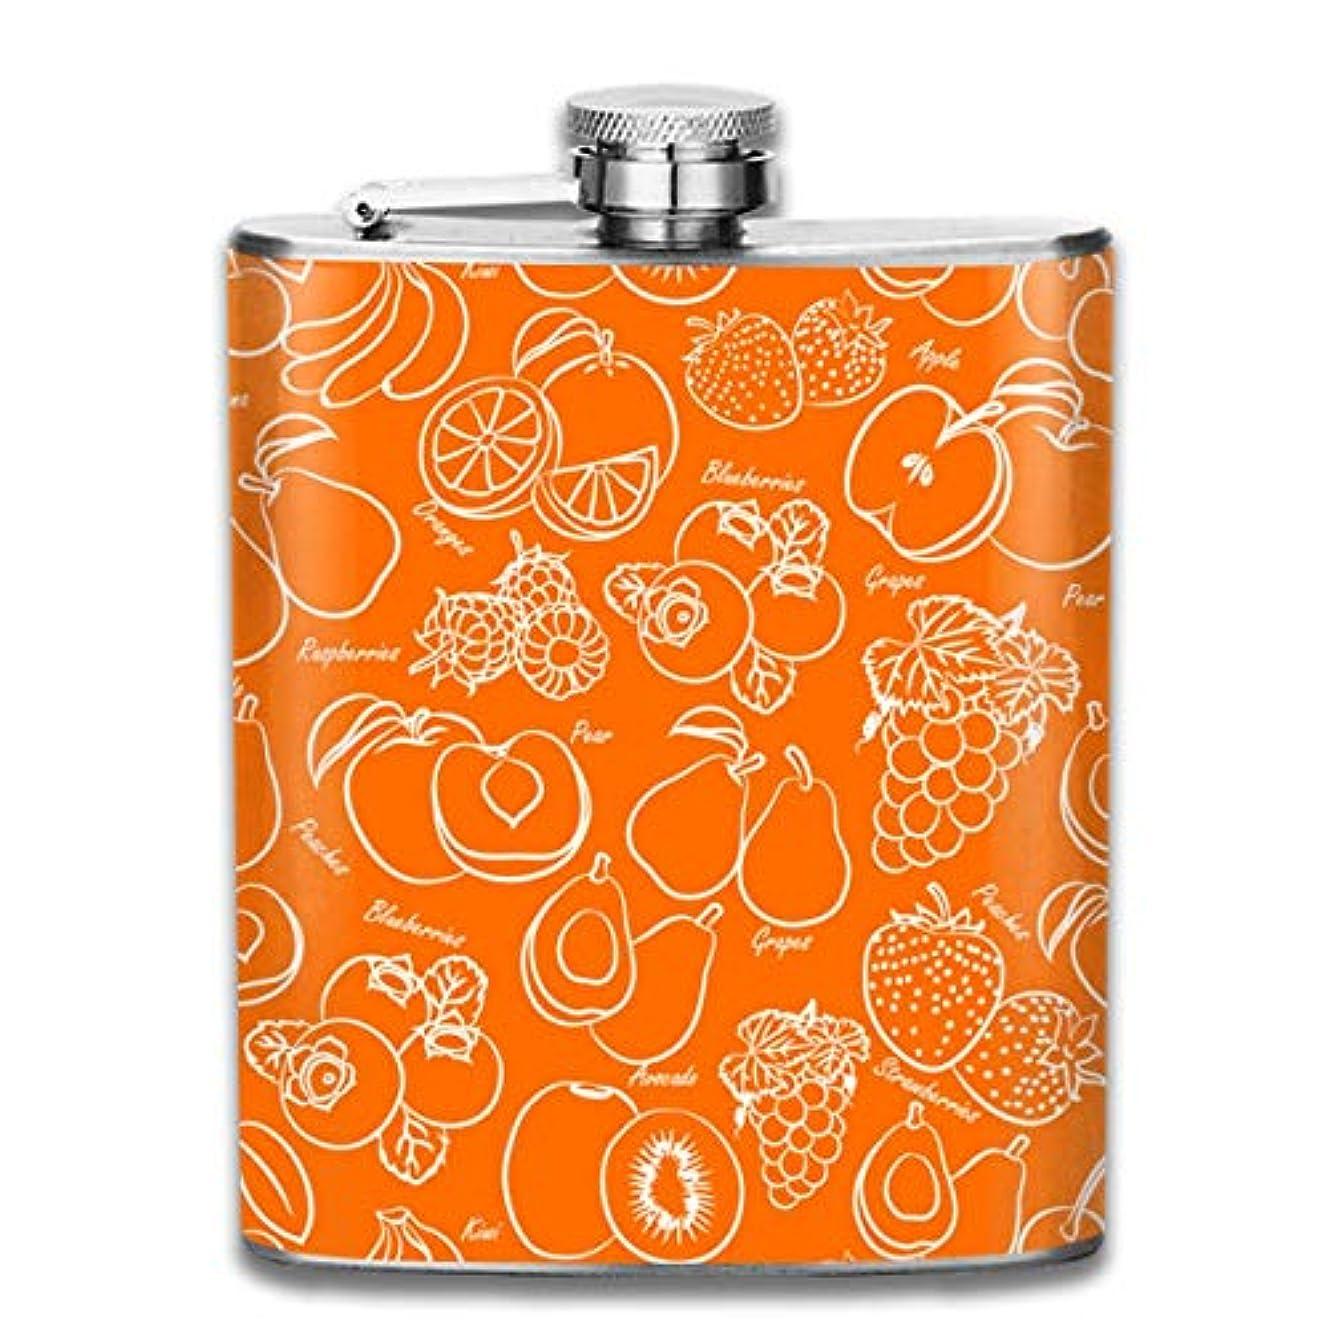 口述する広く不信果物フラスコ スキットル ヒップフラスコ 7オンス 206ml 高品質ステンレス製 ウイスキー アルコール 清酒 携帯 ボトル